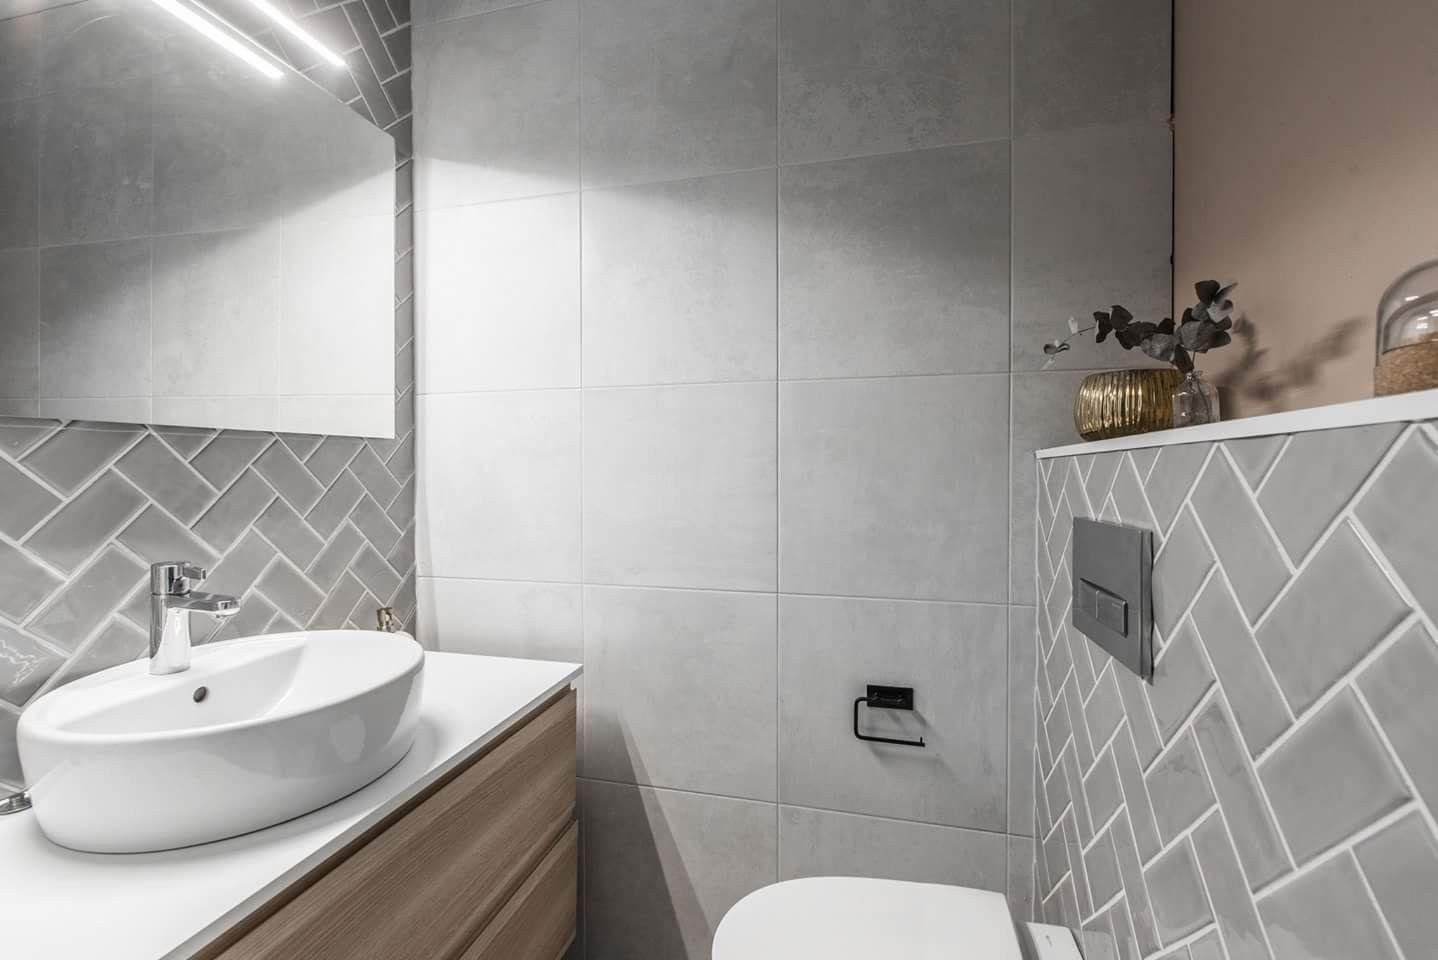 Pin Von Natalie Auer Auf Kylpyhuone Wc Badezimmer Toilette Badezimmer Toilette